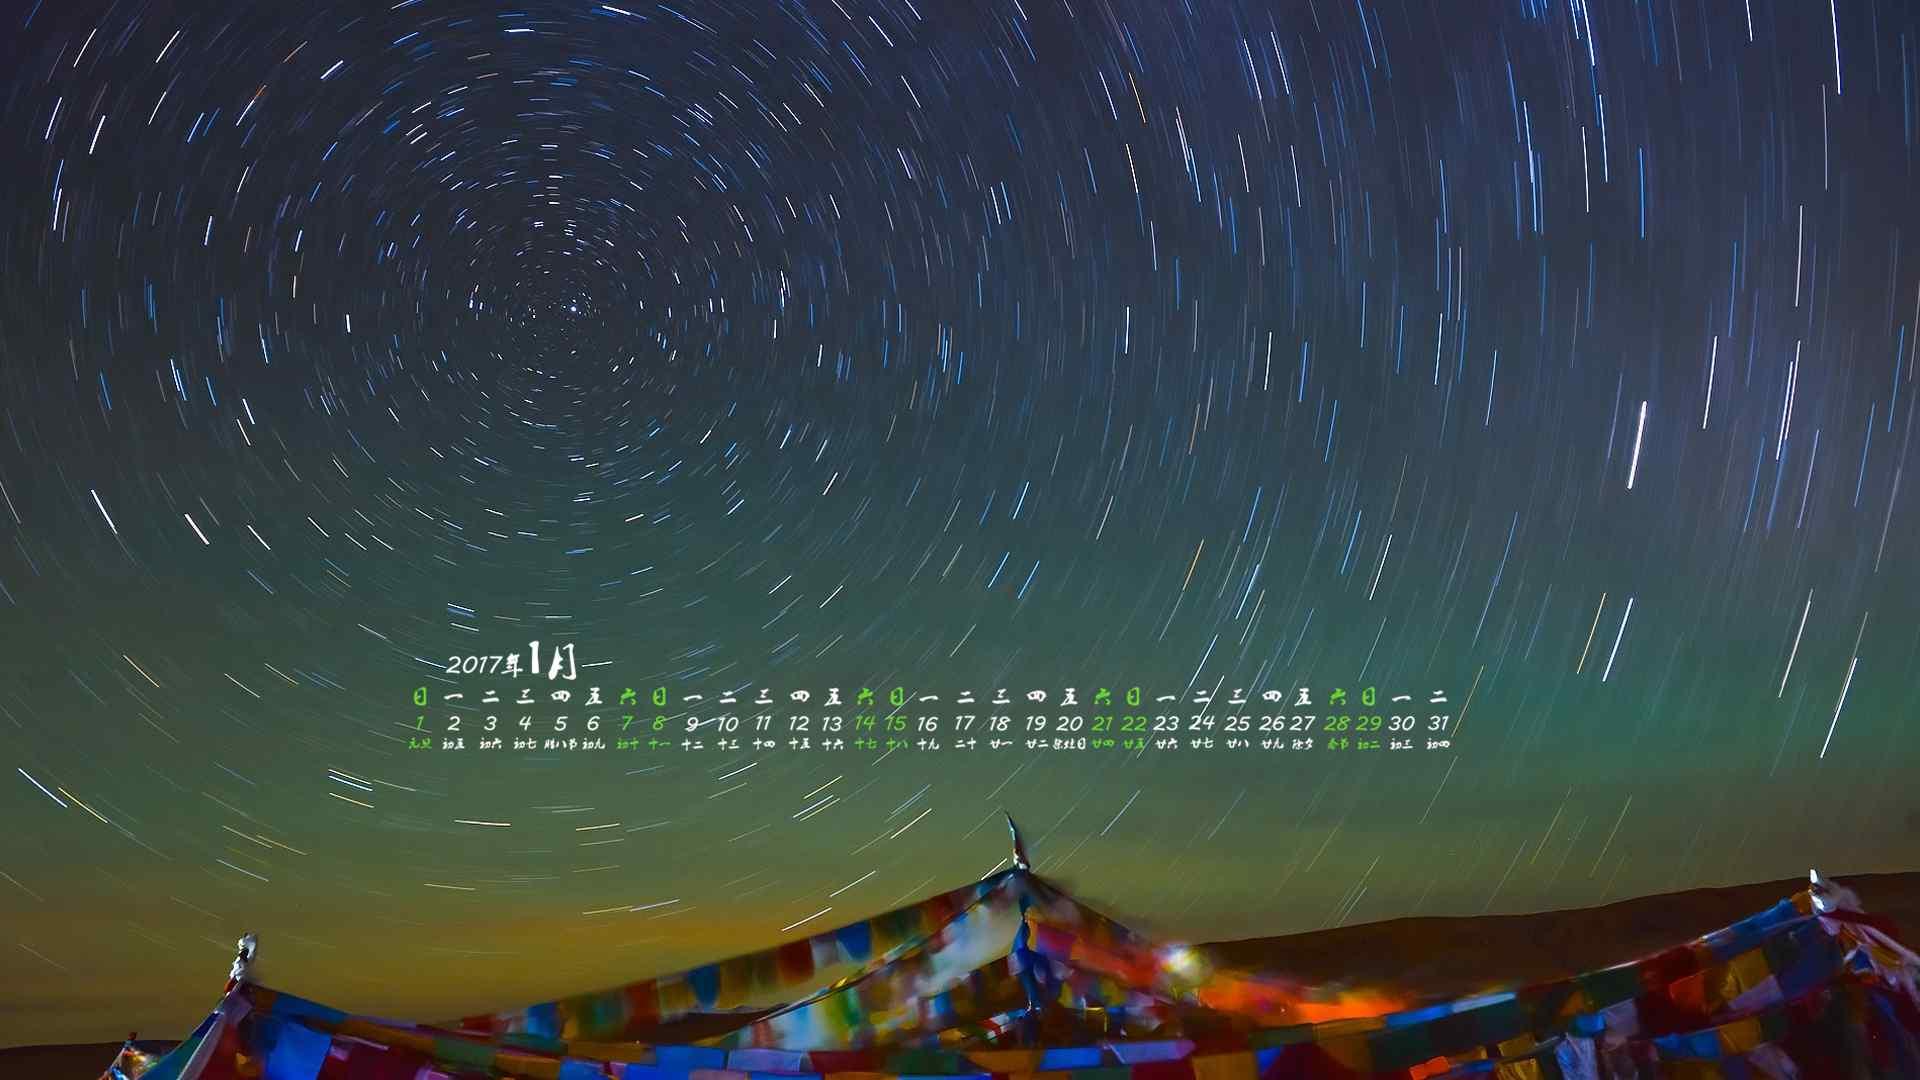 2017年1月日历西藏阿里风景高清壁纸